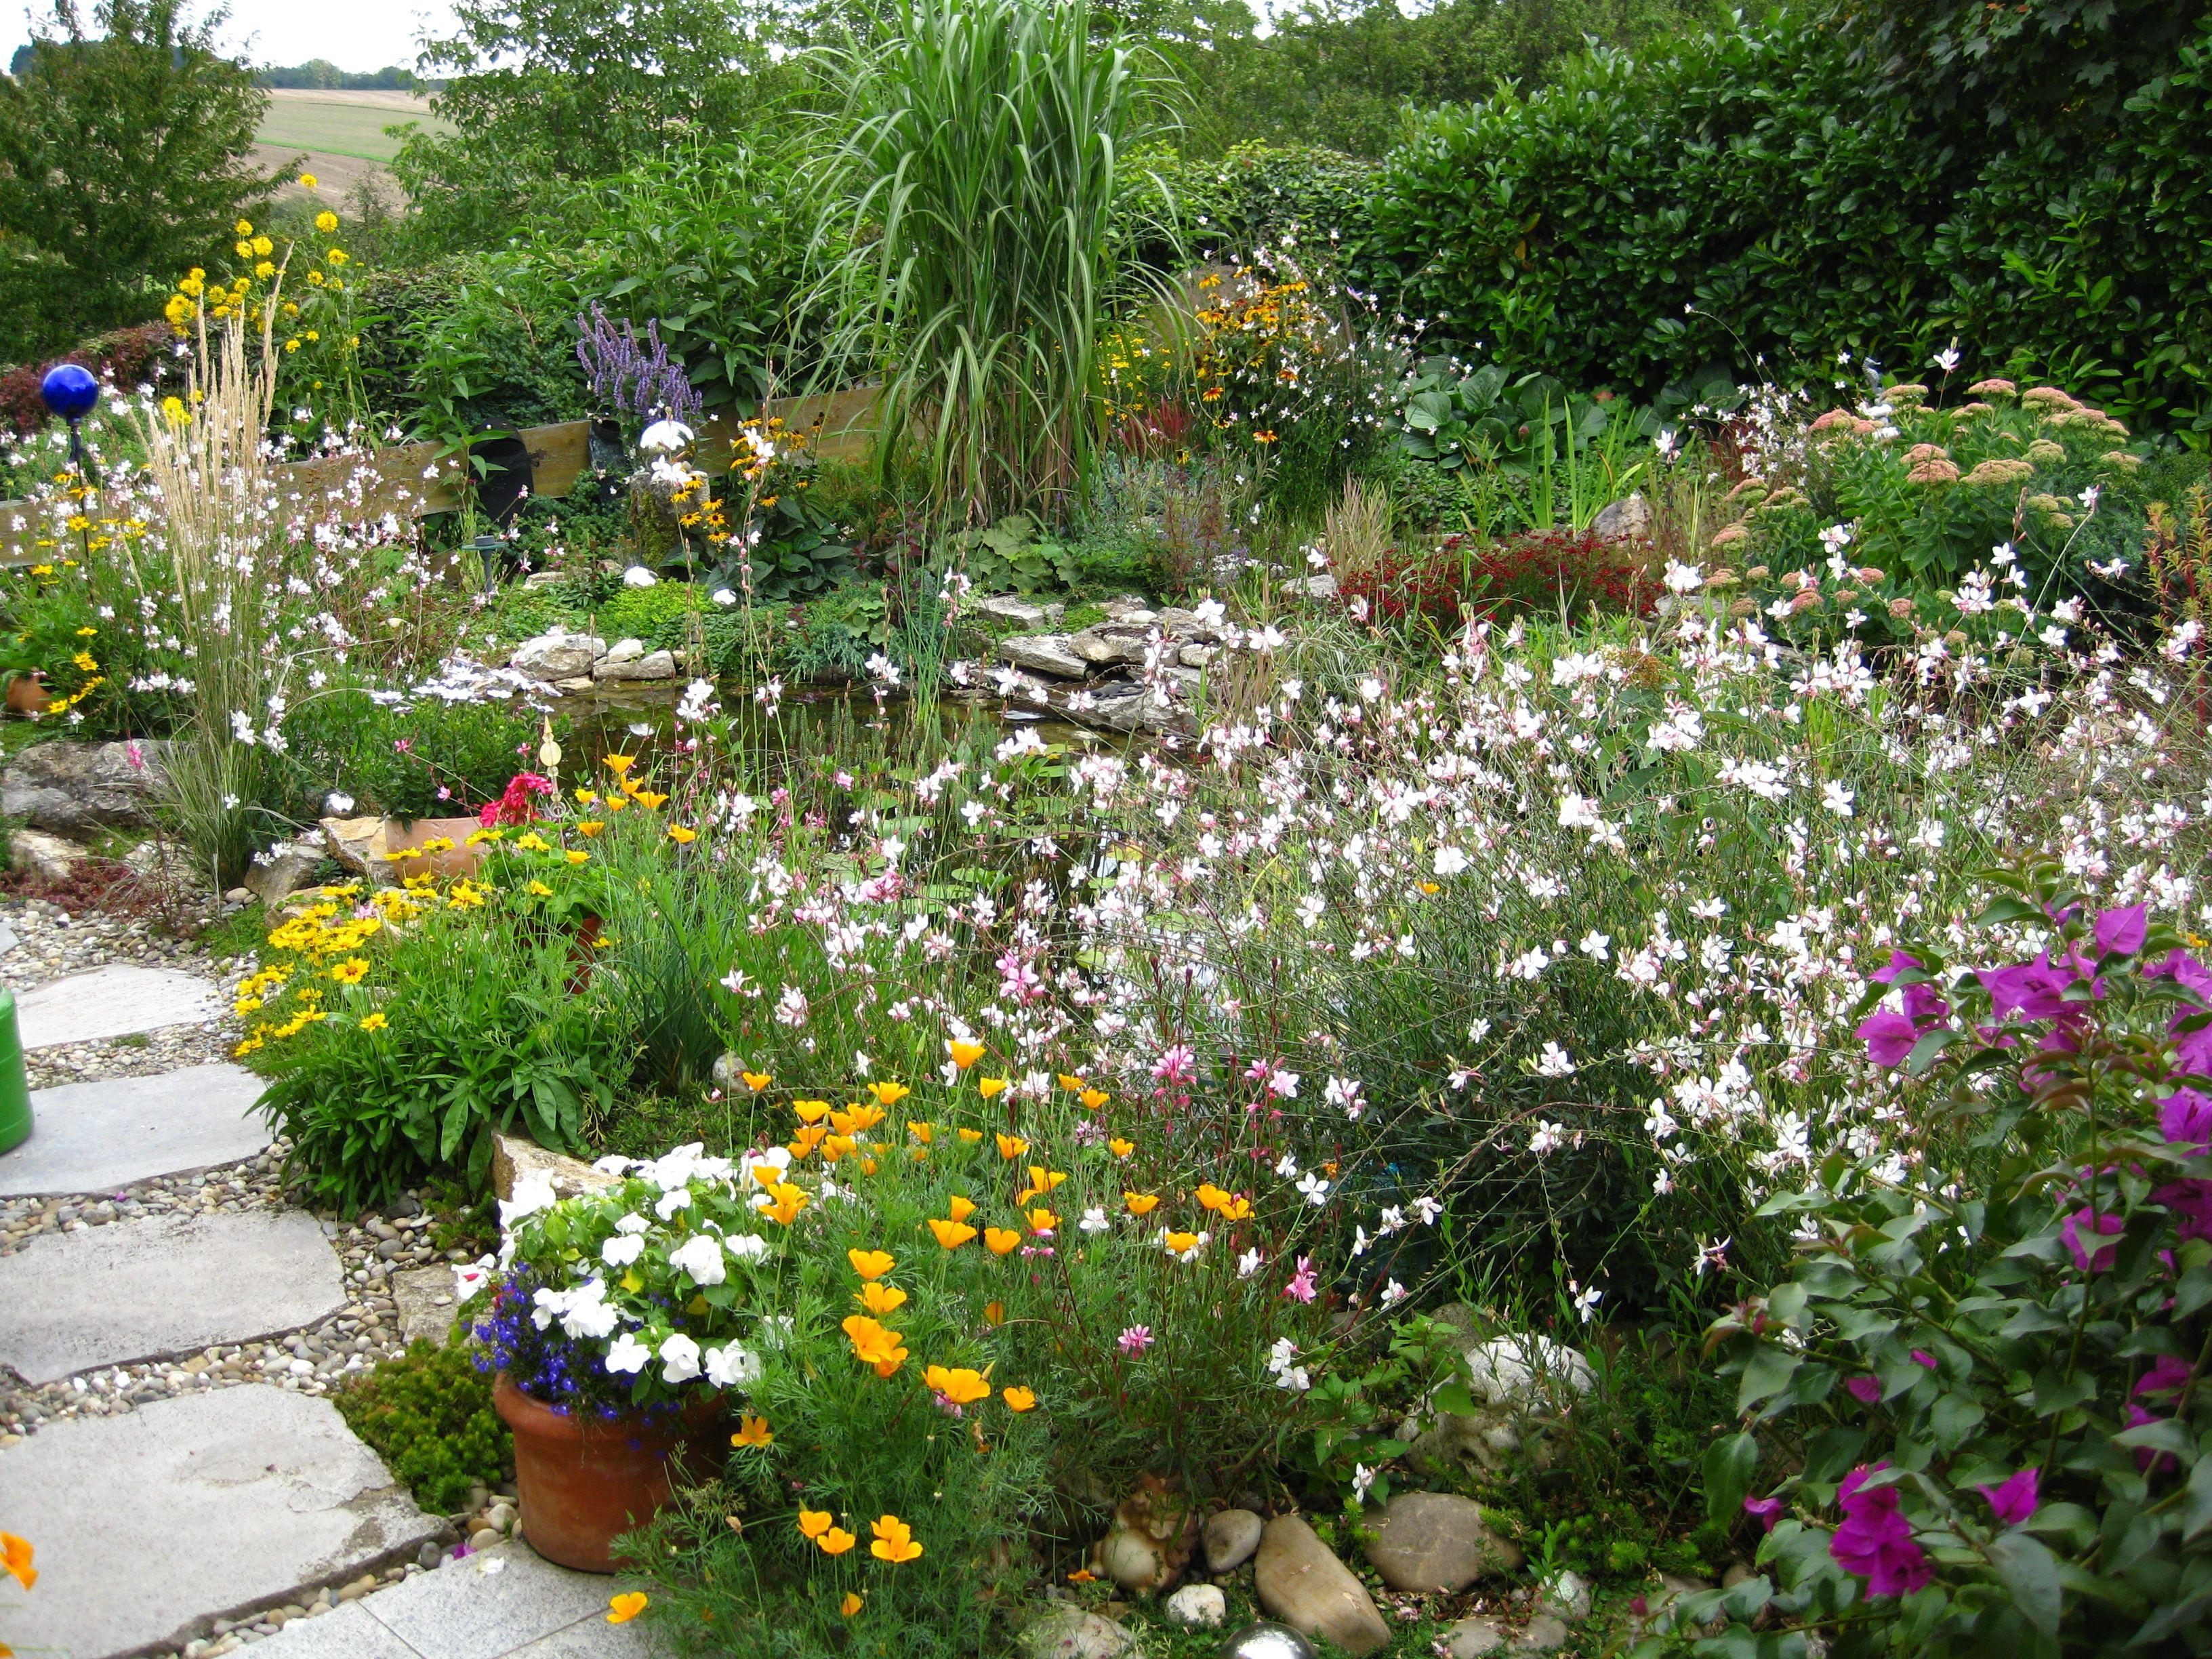 Gewaltig Gartenteich Bildergalerie Referenz Von Üppige Teichrandbepflanzung #teichrand#teich#stauden